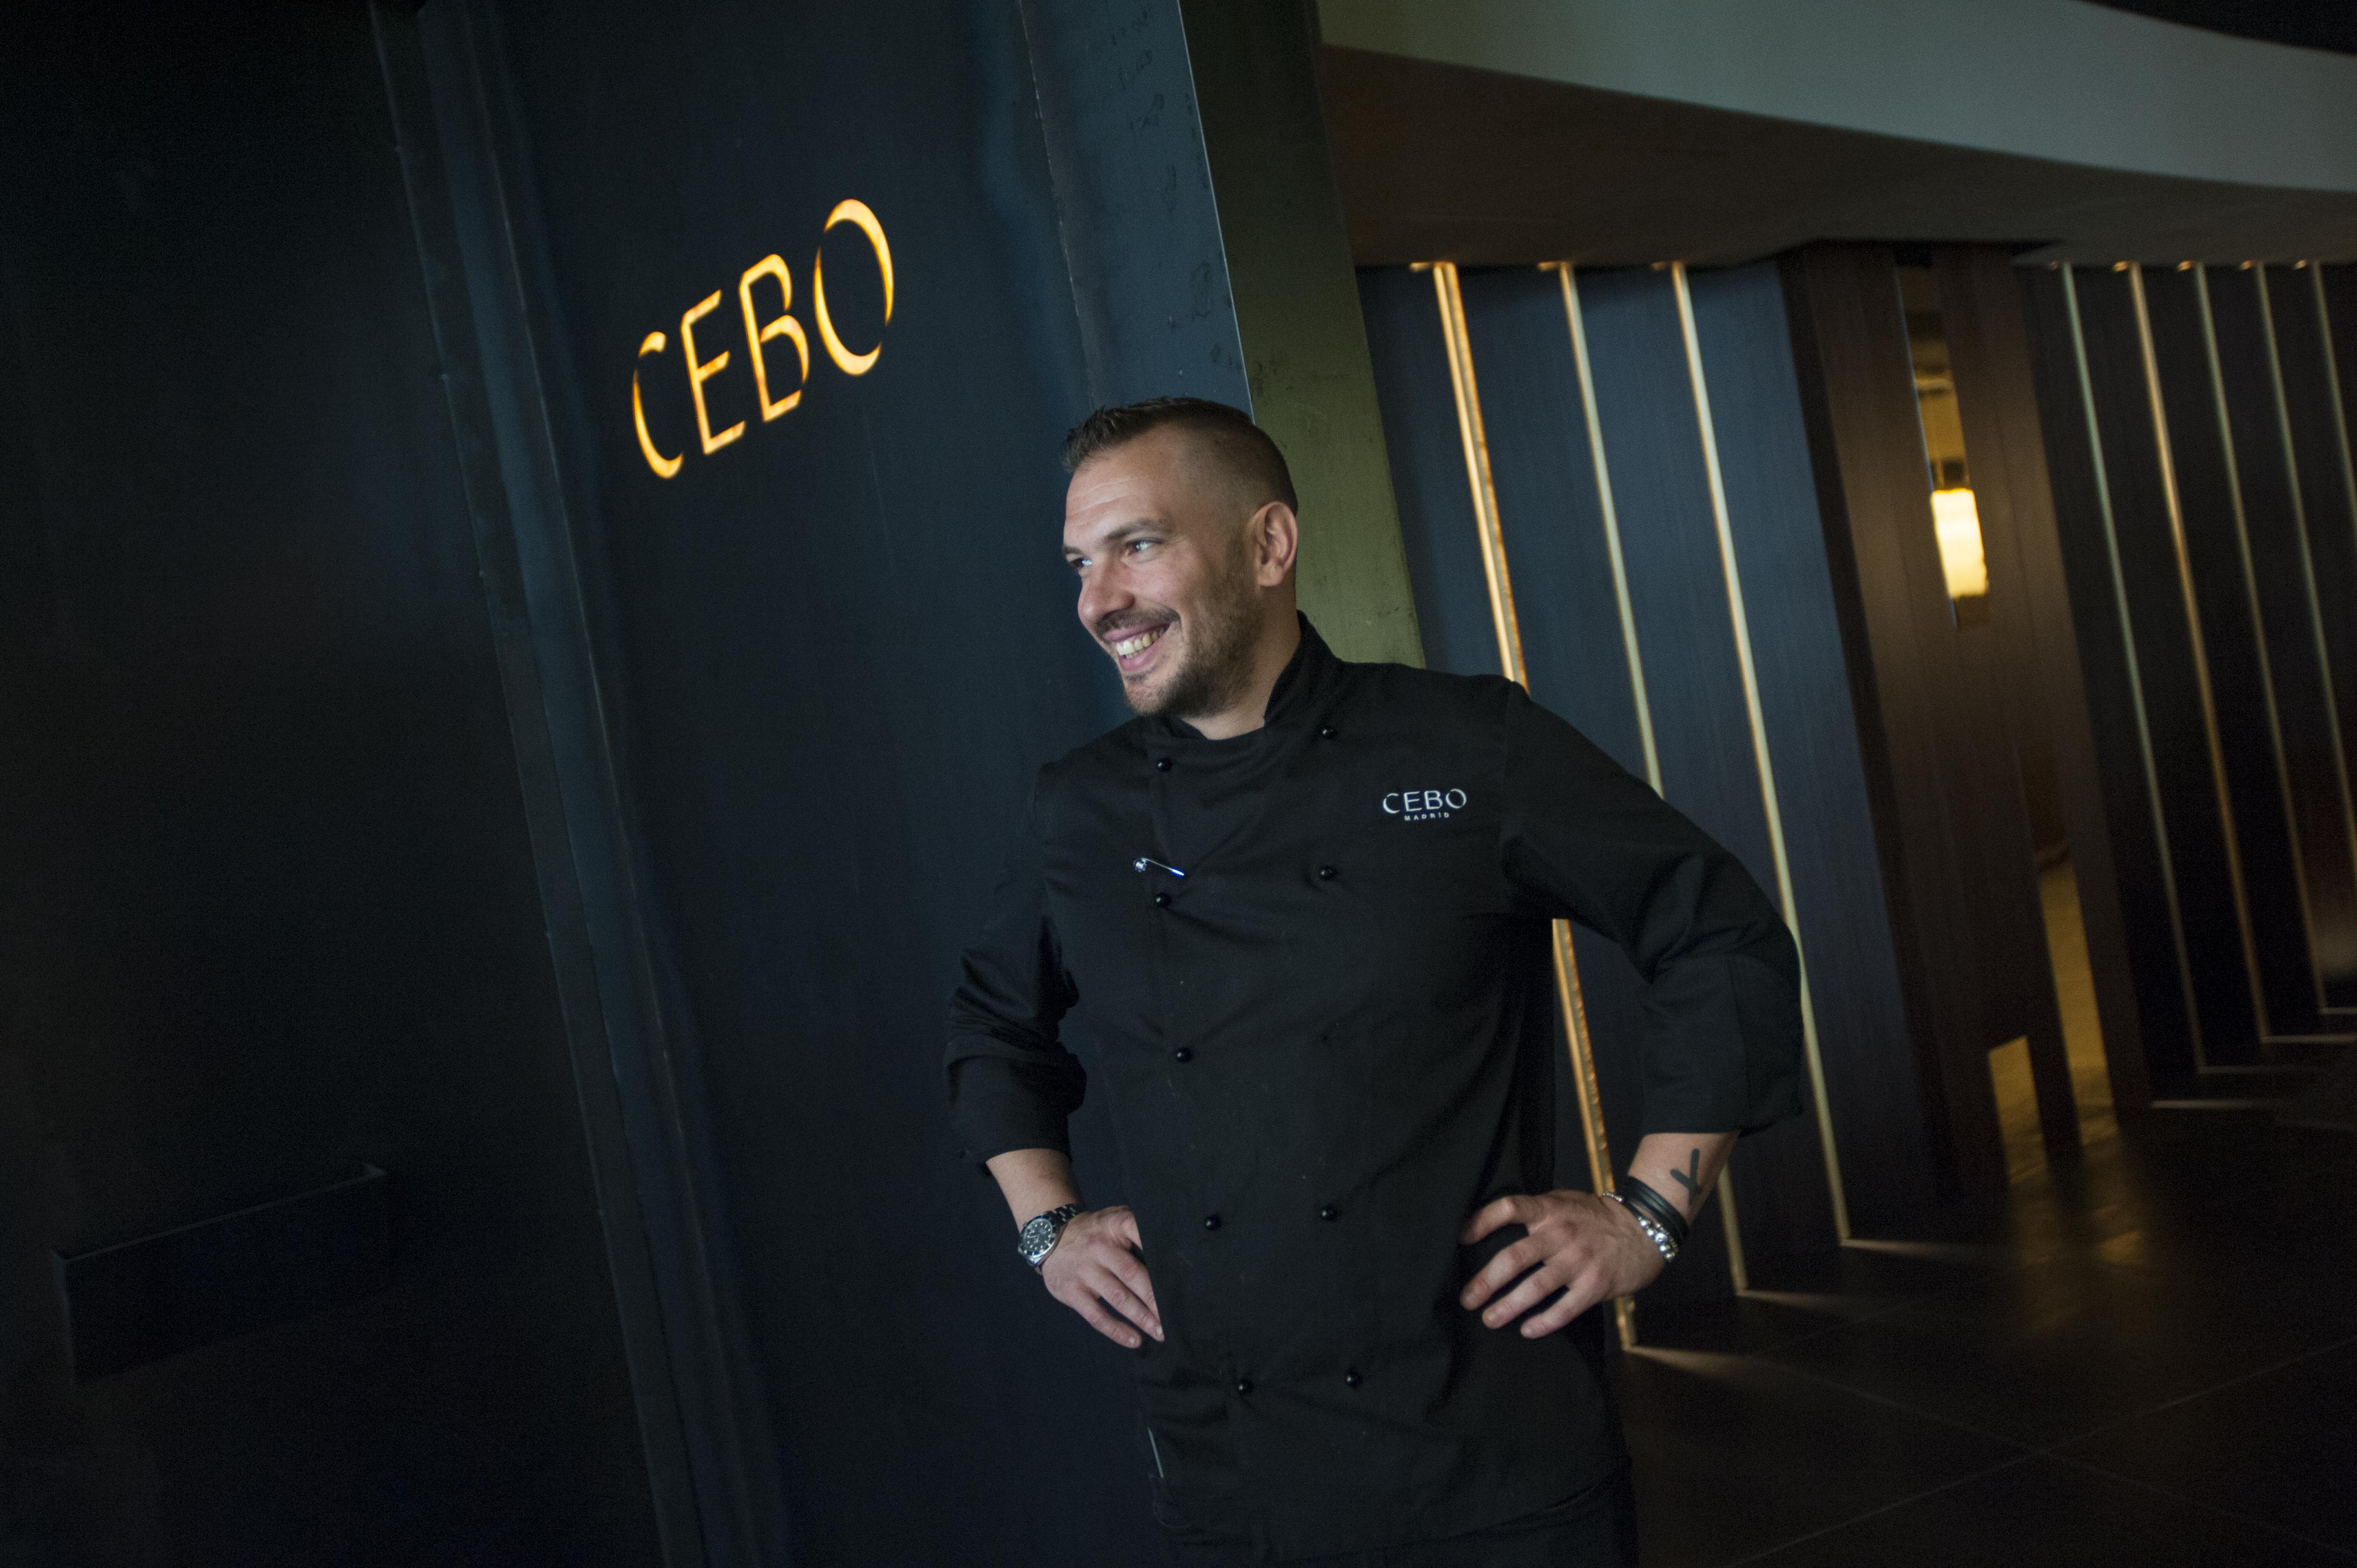 CEBO Chef Aurelio Morales